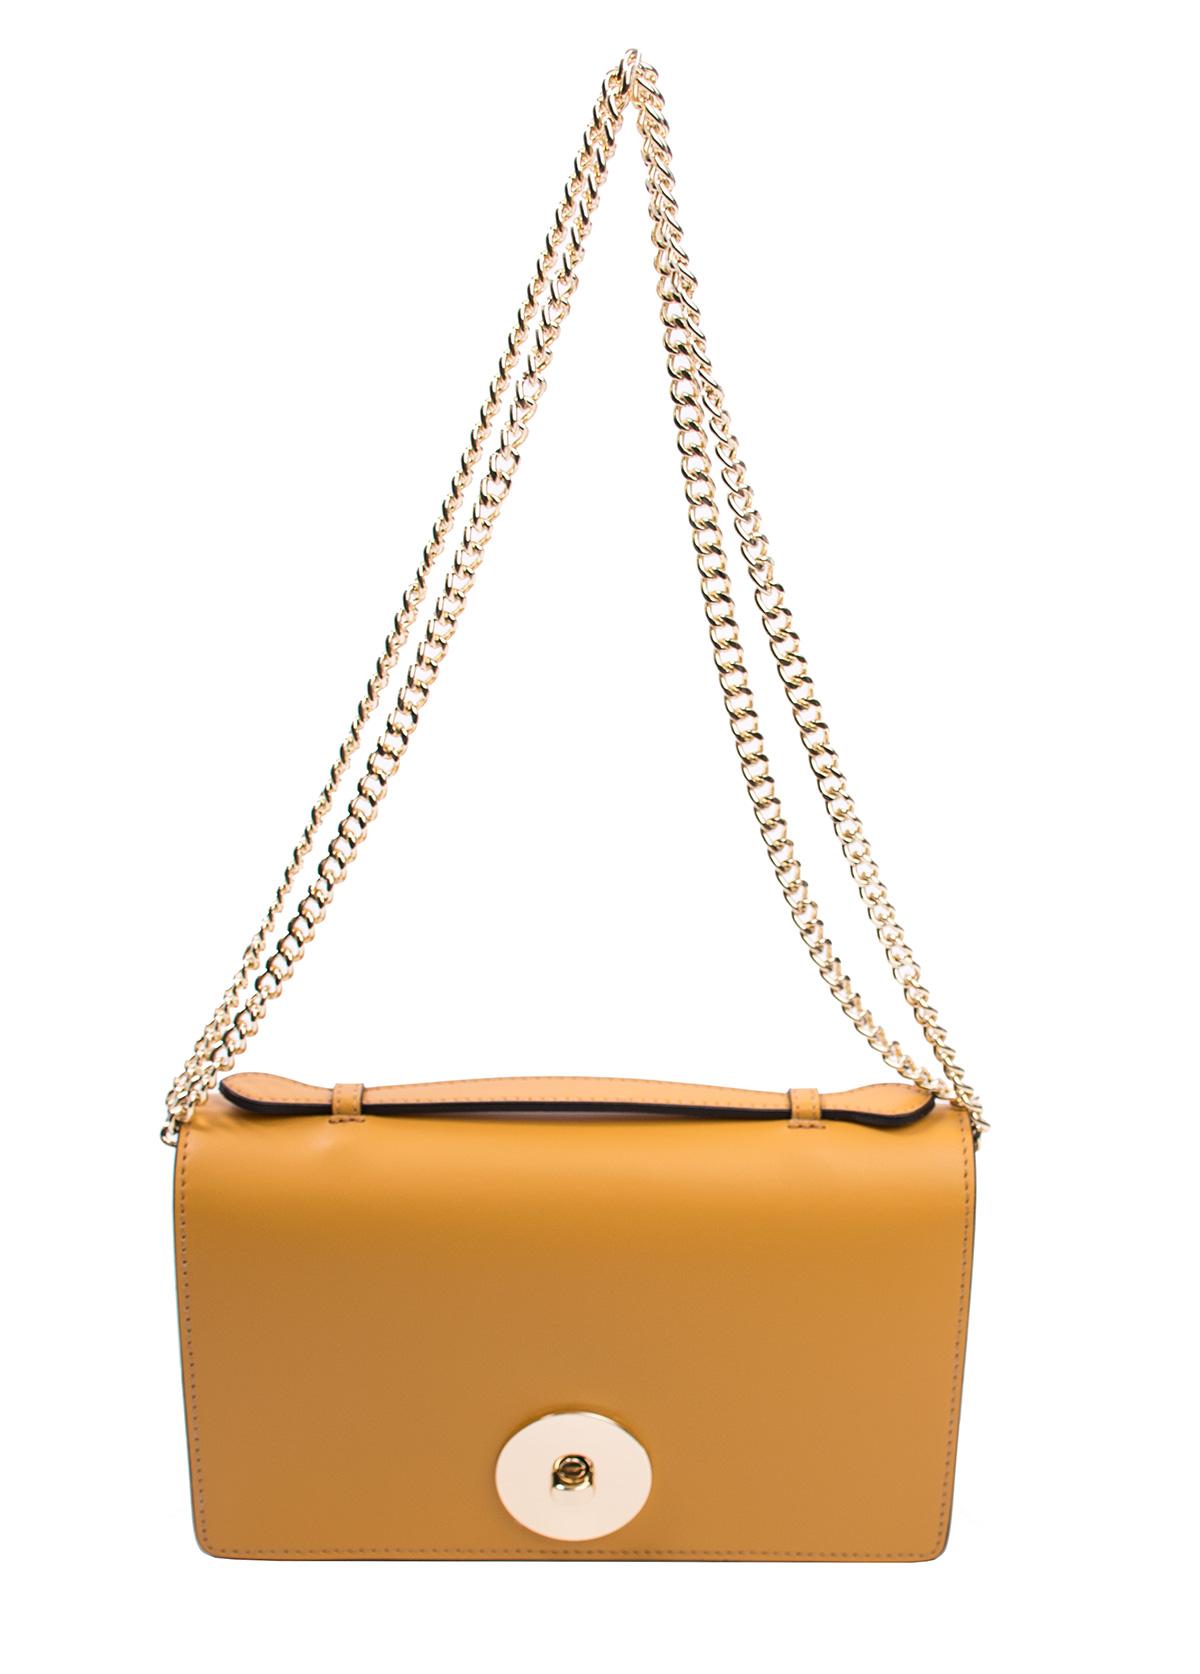 Bags and more Florenza Ősz sárga Női Bőr Oldaltáska